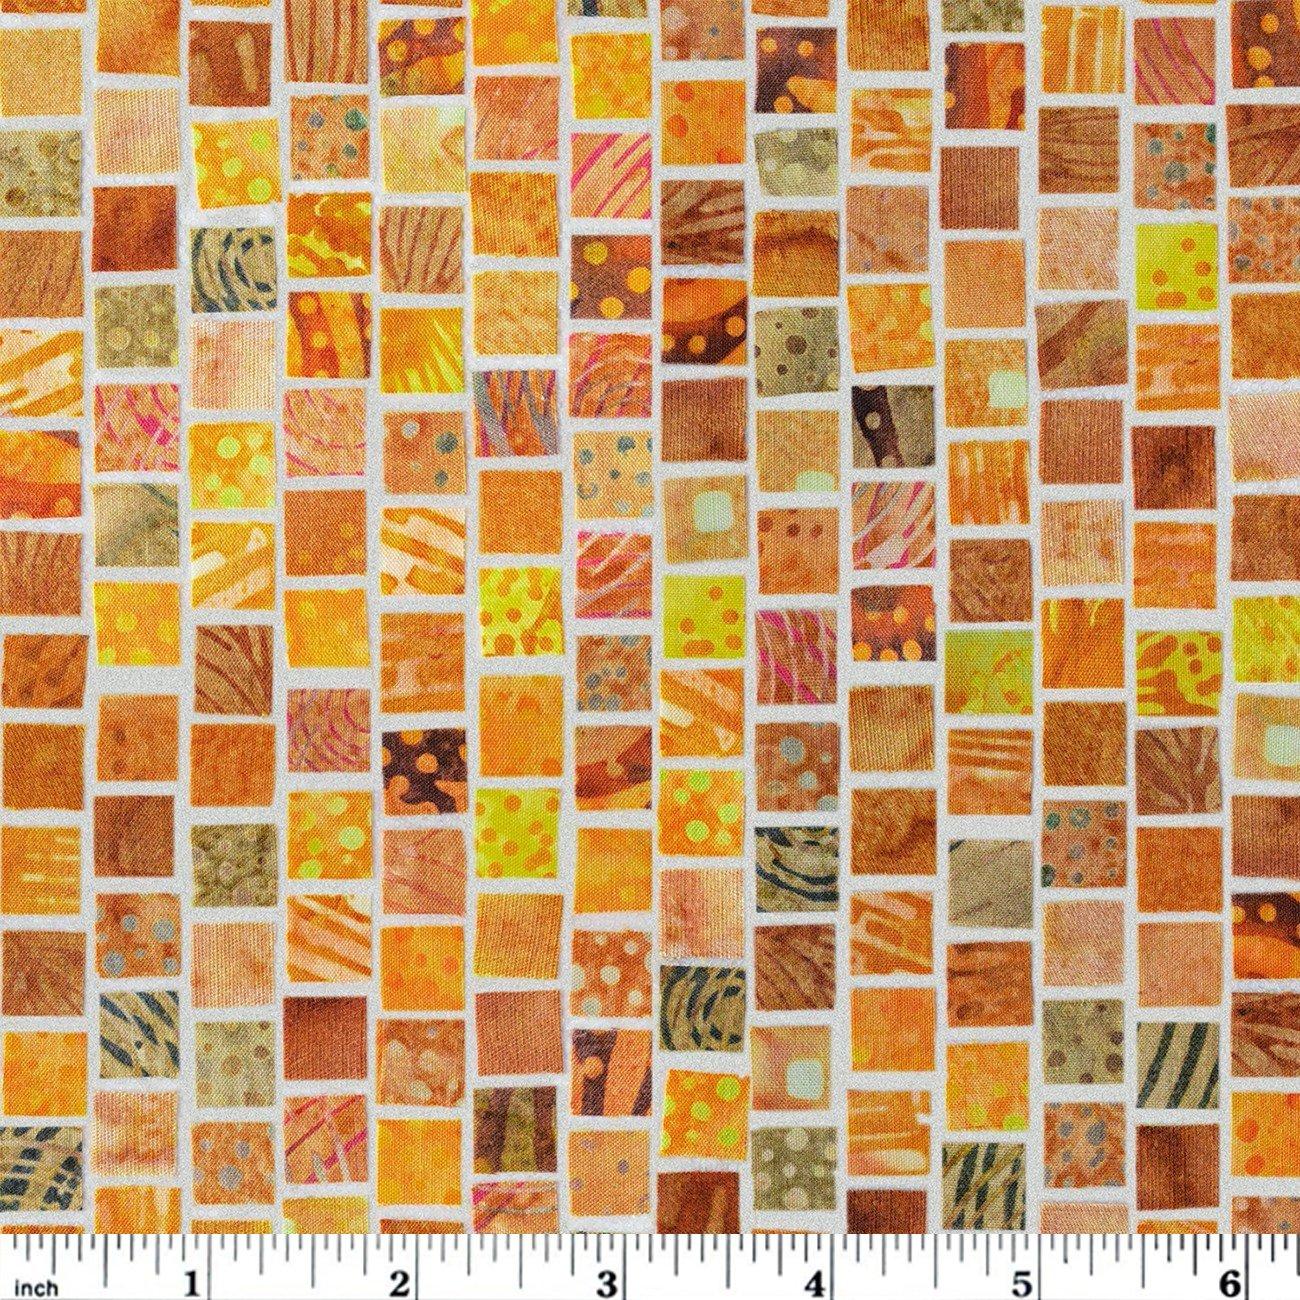 Hoffman Mosaic Masterpiece Digital - Gold Ochre